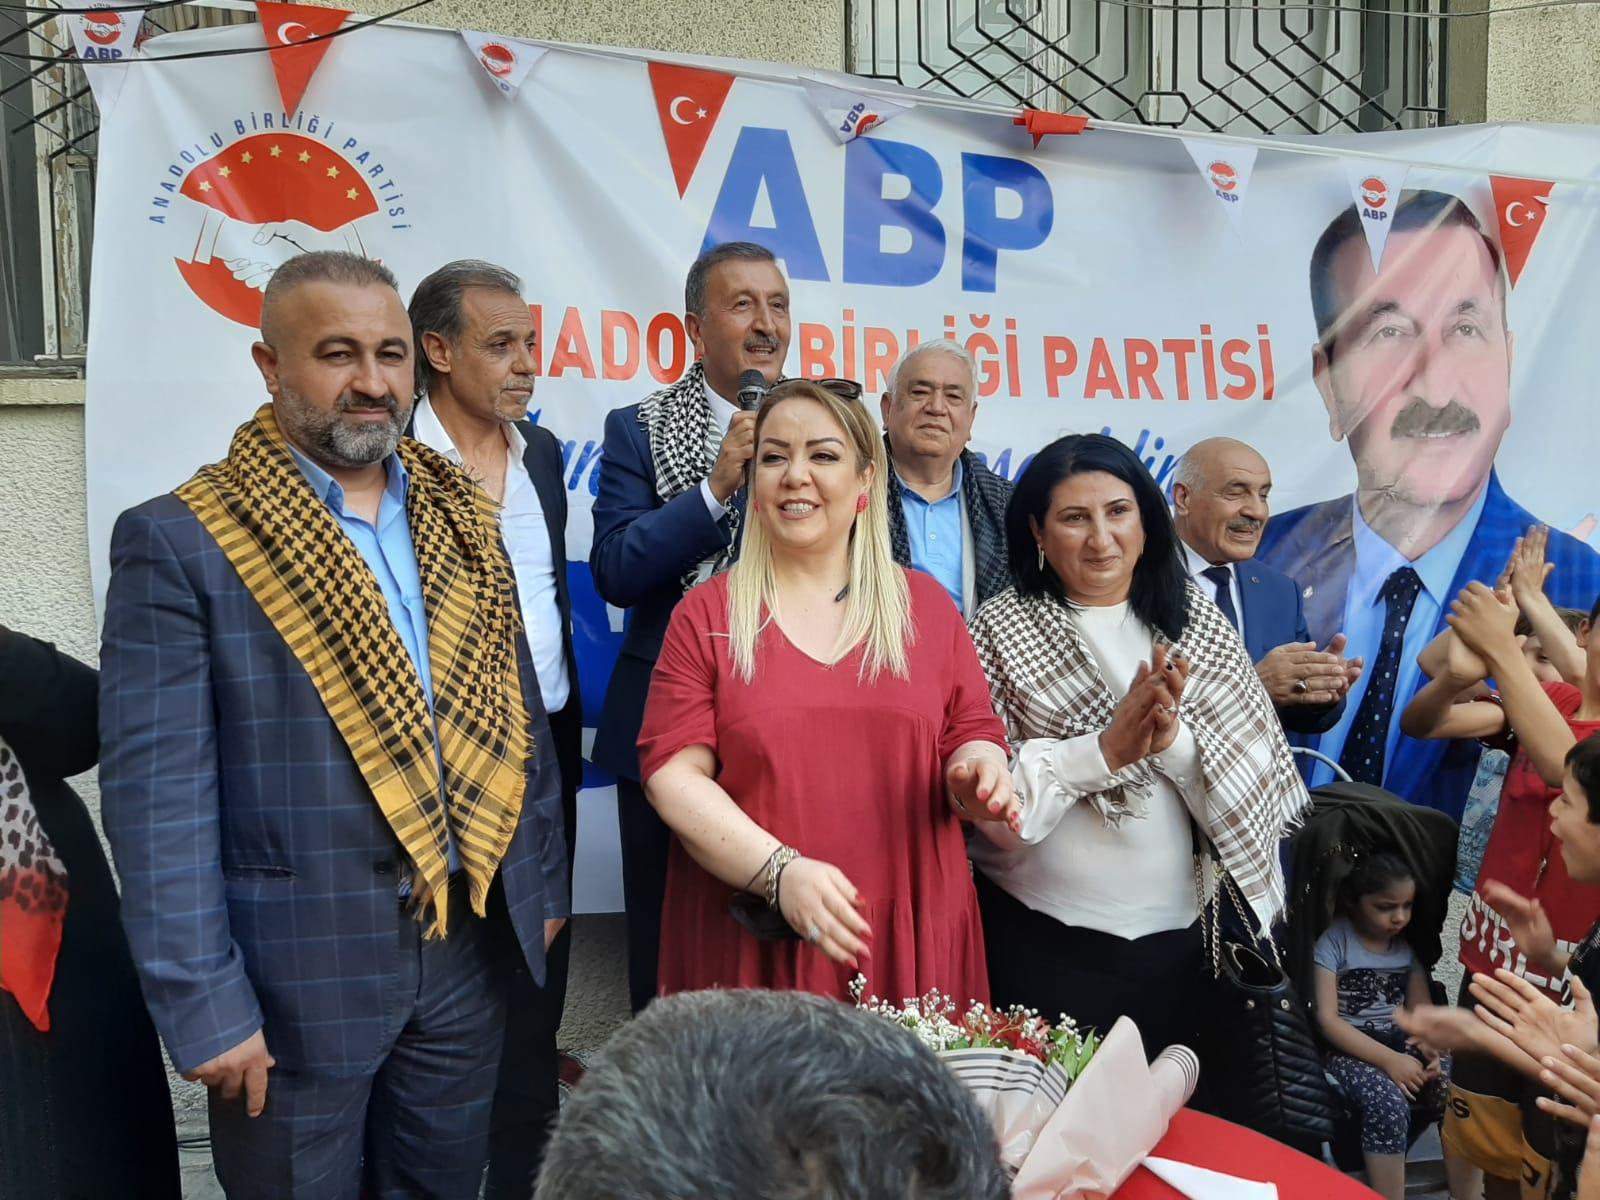 Şanlıurfa'da Anadolu Birliği Partisi Coşkusu